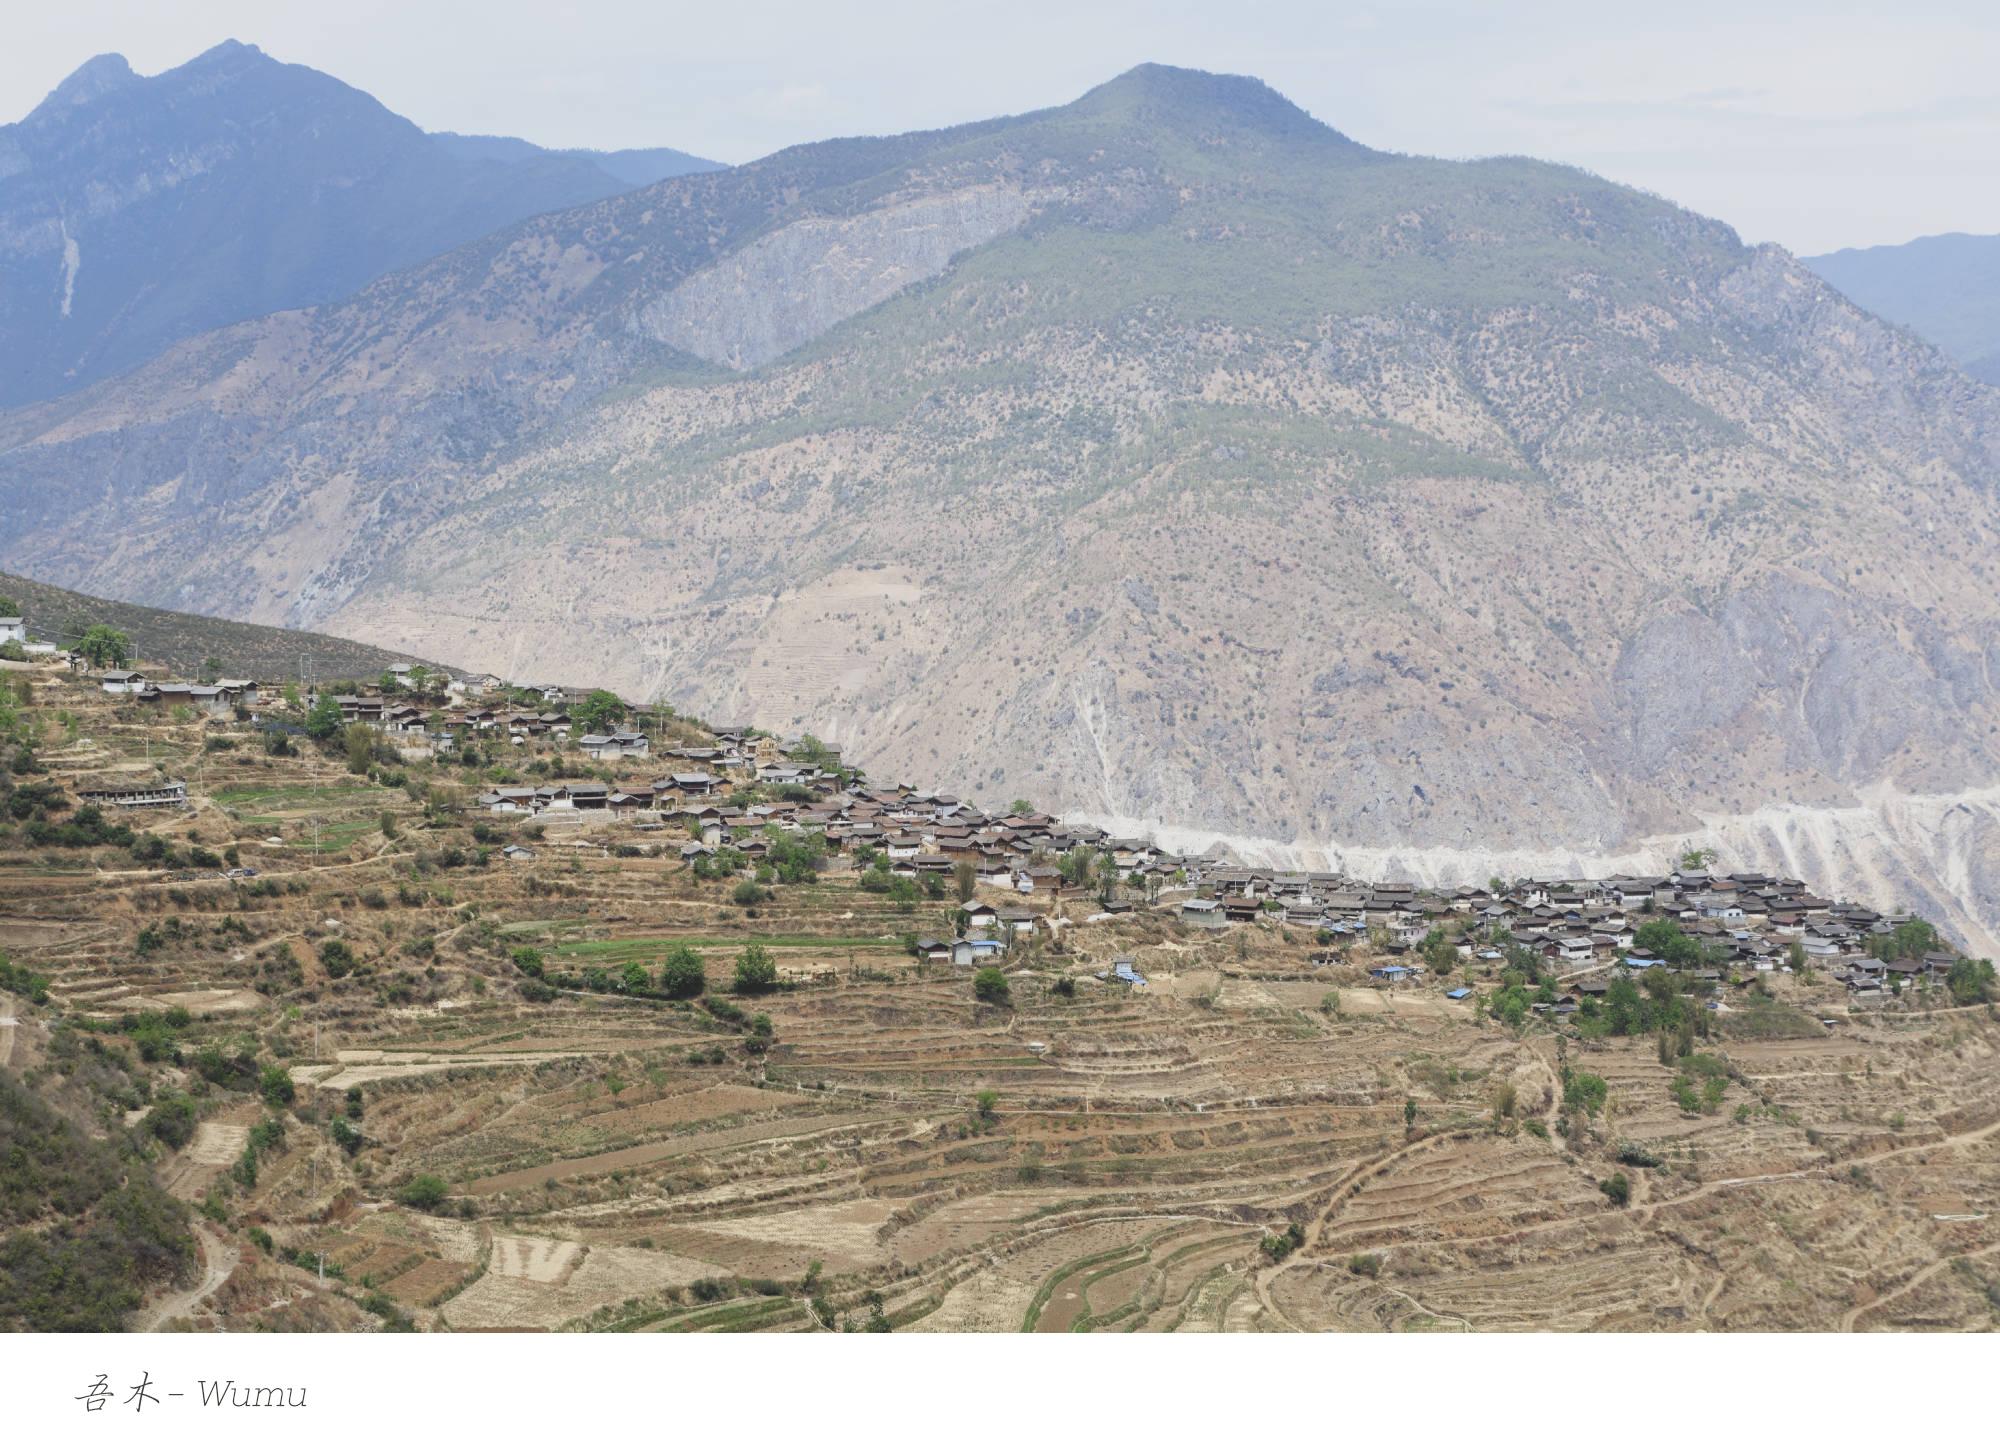 Village de Wumu perché sur un éperon rocheux